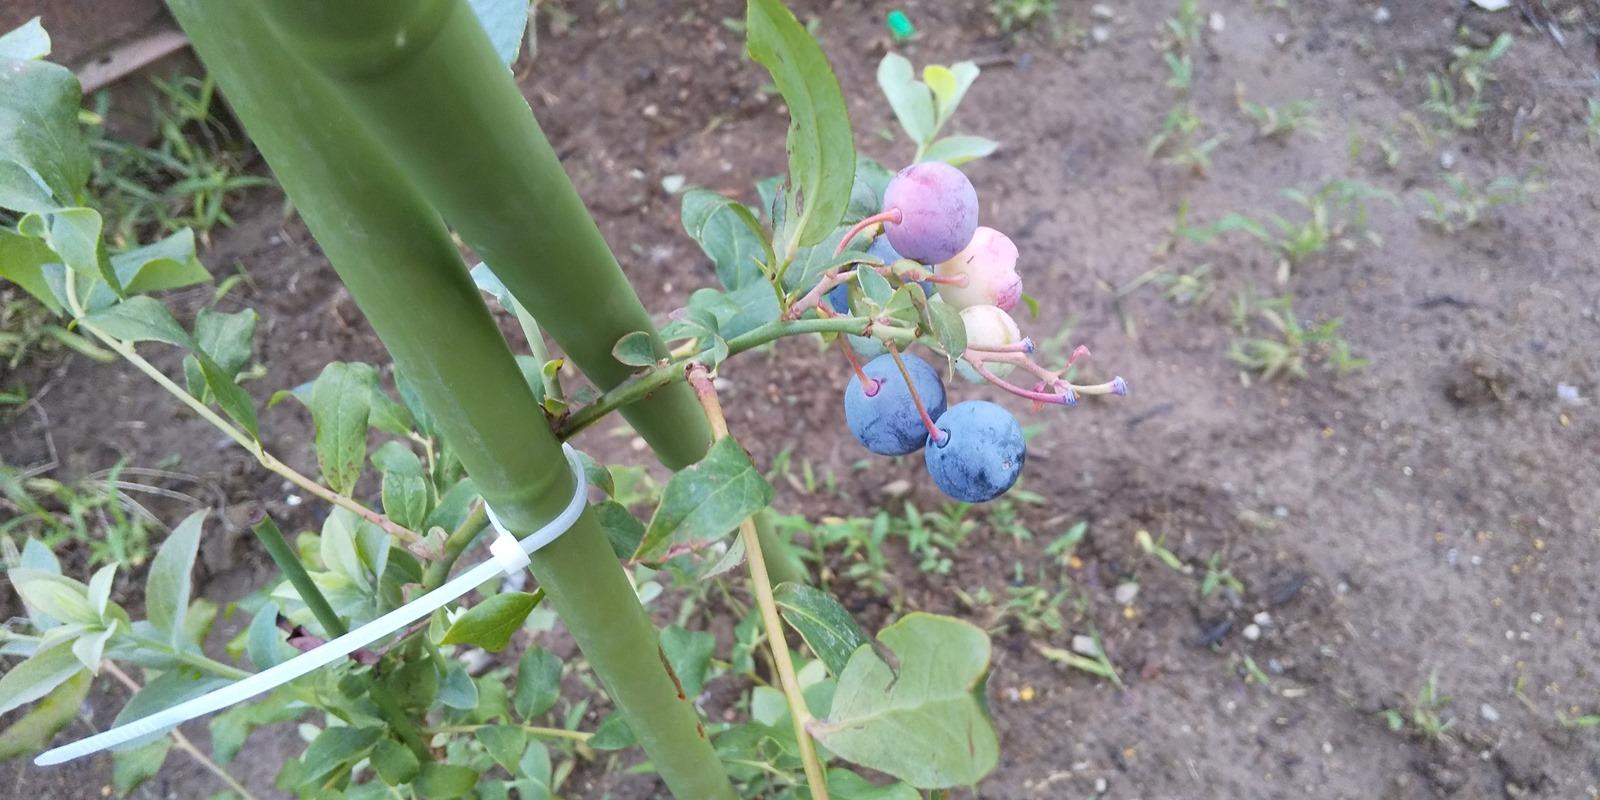 色づくブルーベリーの実   マサのライフワーク